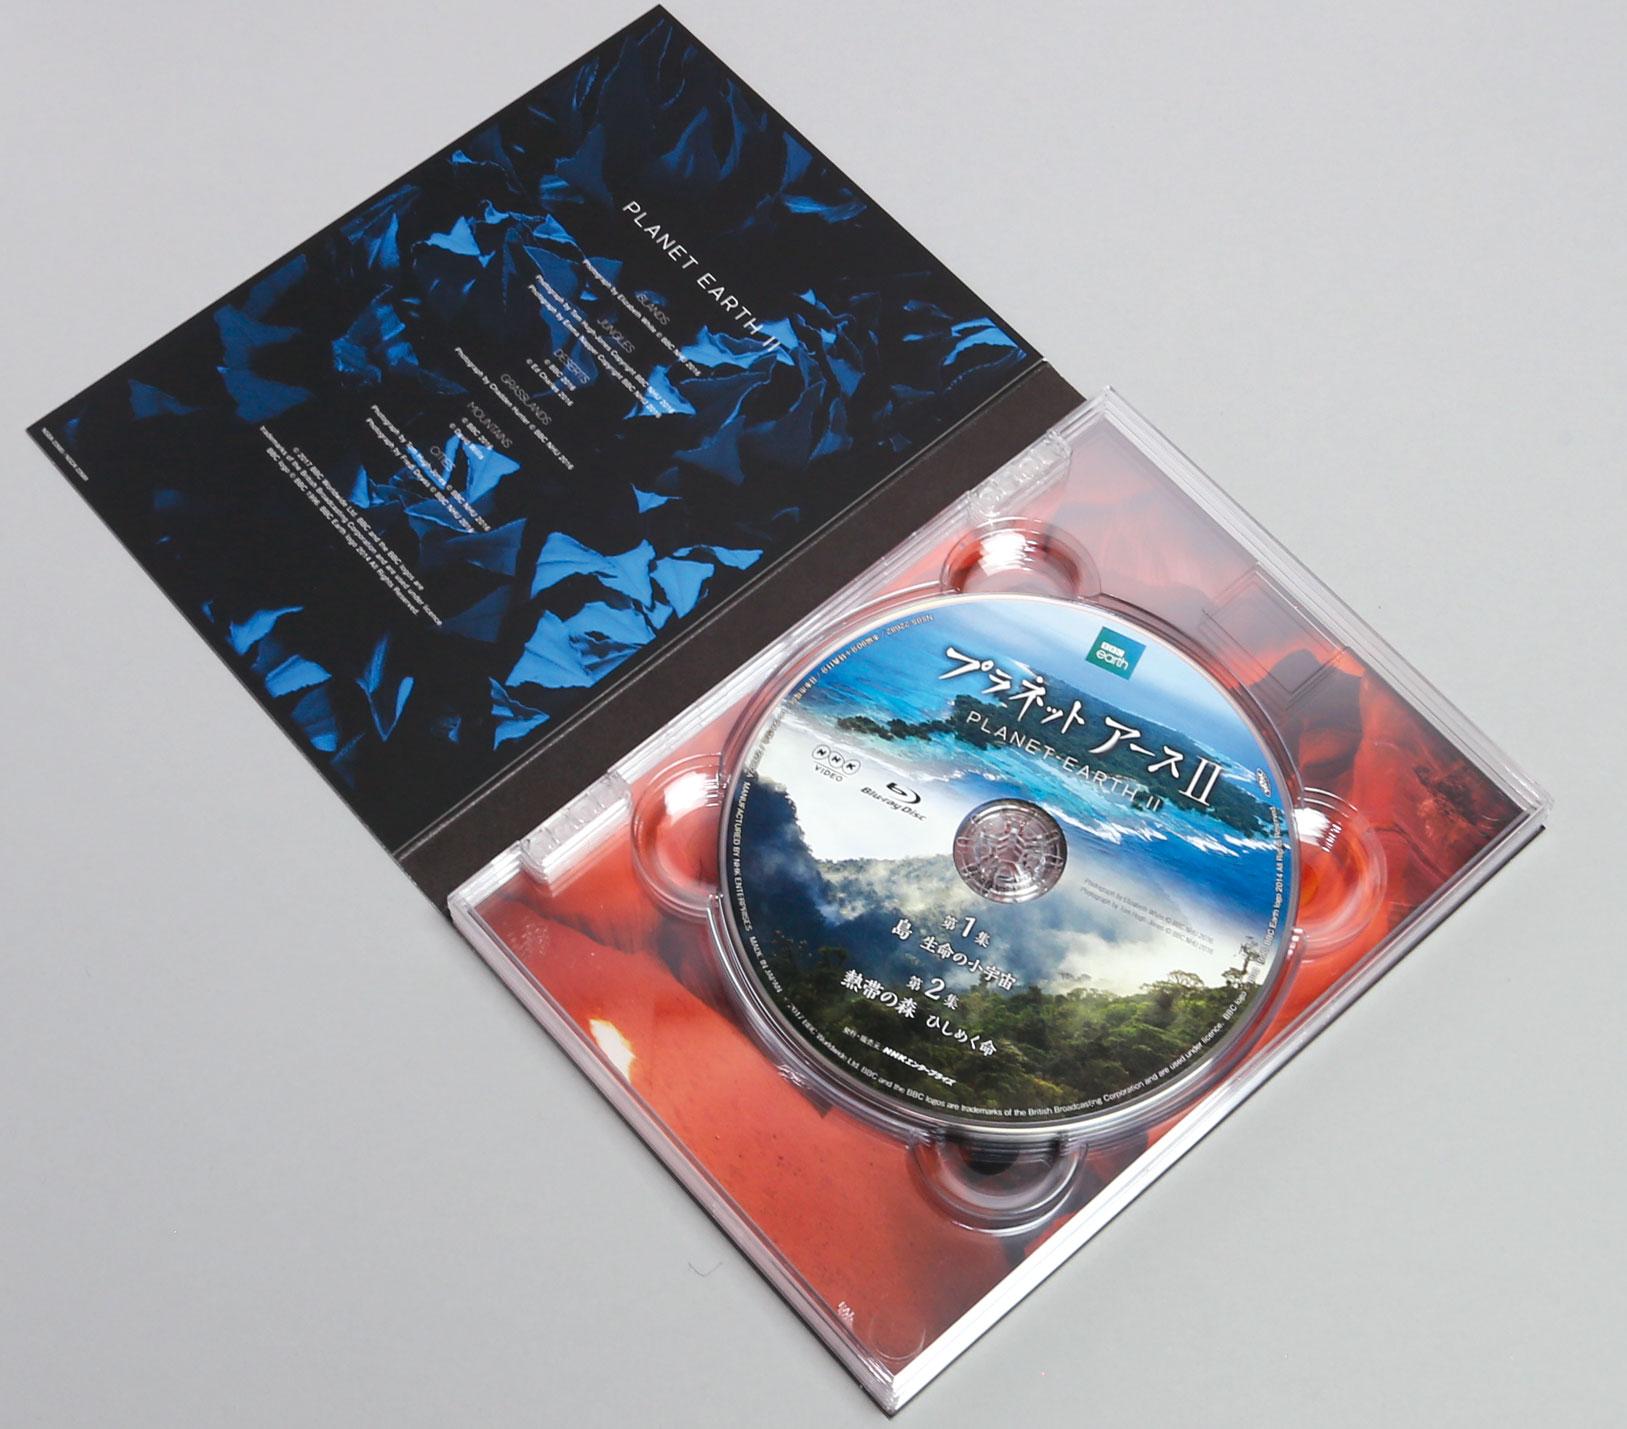 プラネットアース2 blu ray dvd series rokken inc